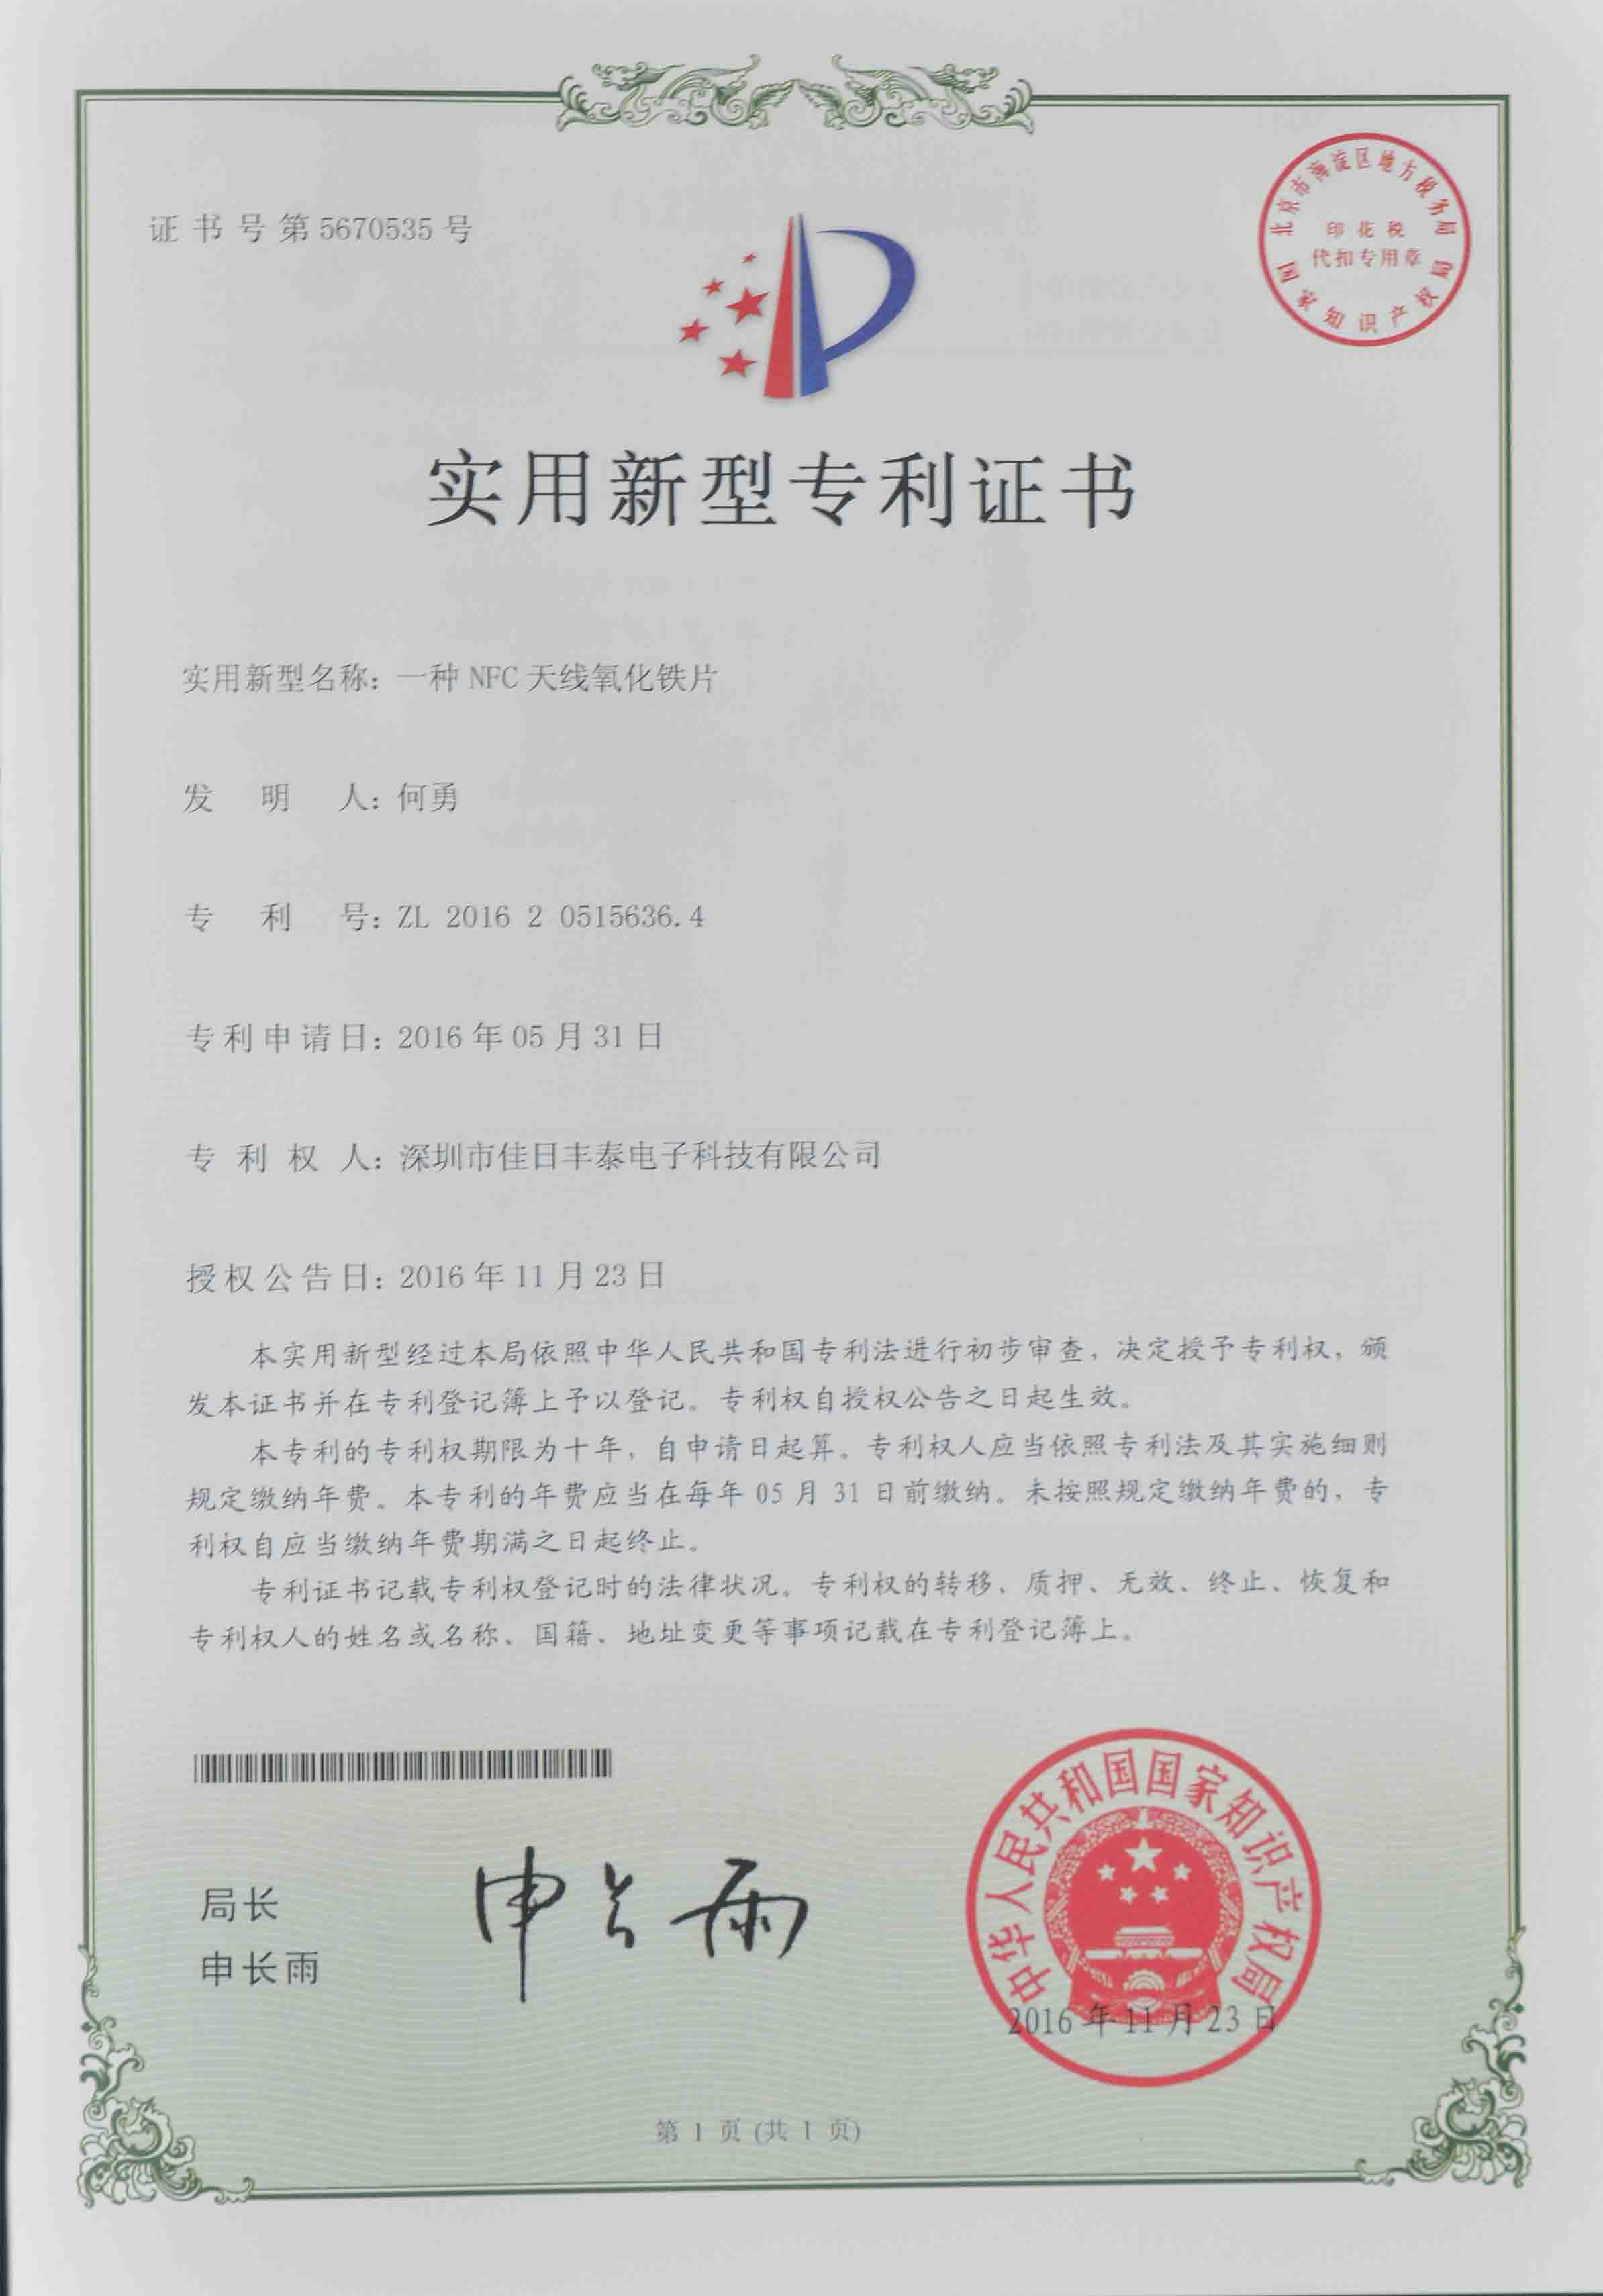 一种NFCtian线yang化铁片专利